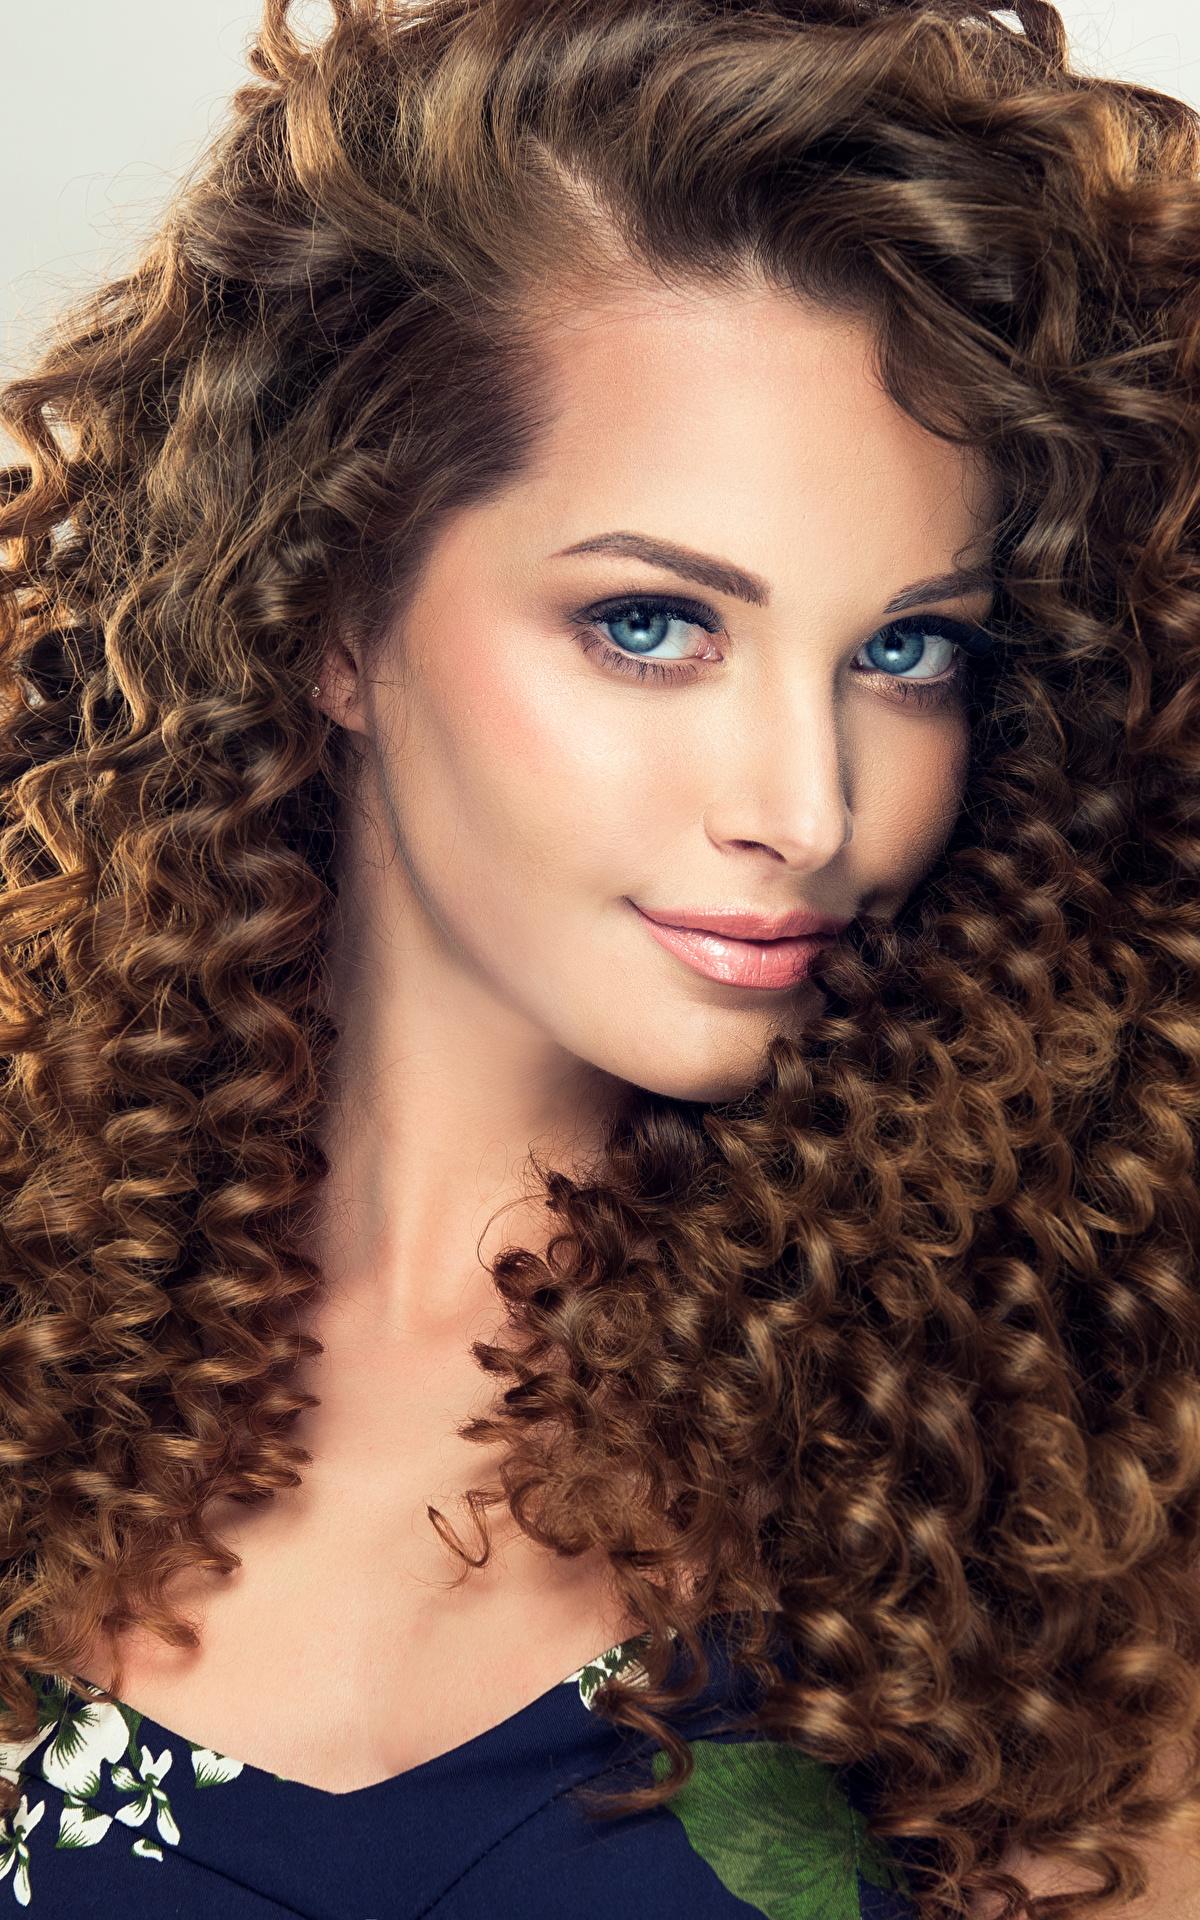 Фотографии Шатенка Красивые Волосы Девушки смотрит Серый фон 1200x1920 Взгляд